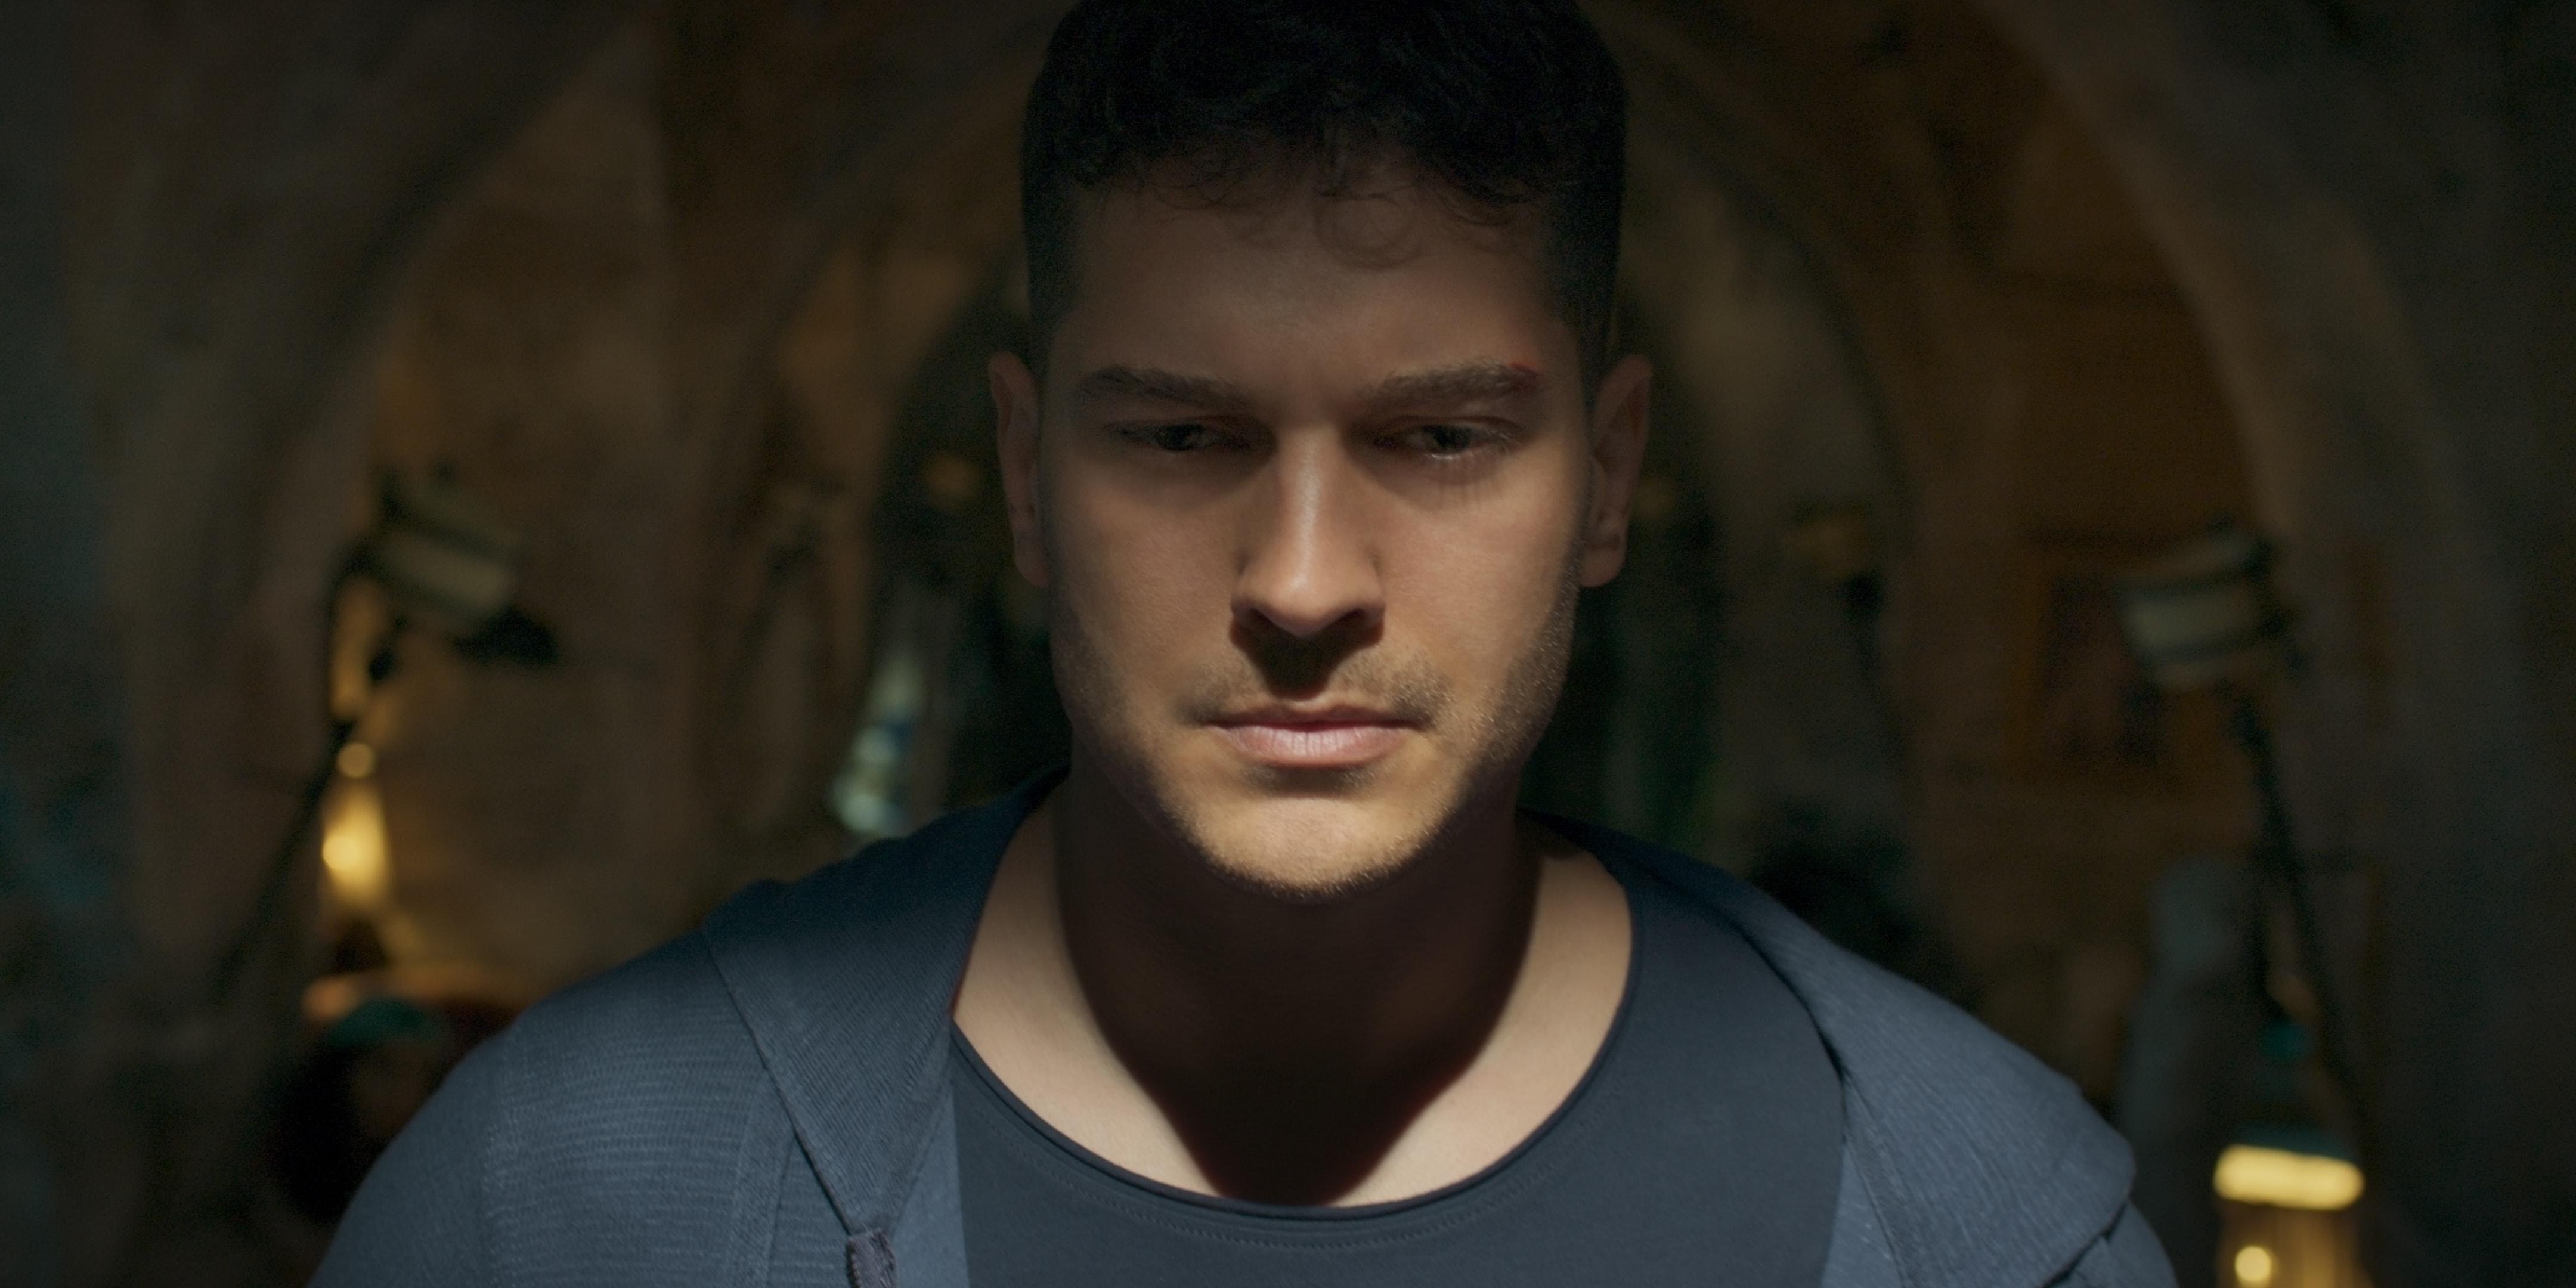 Netflix'in ilk Türk Dizisi Hakan: Muhafız'ın 2. Sezon Yayın Tarihi Belli Oldu